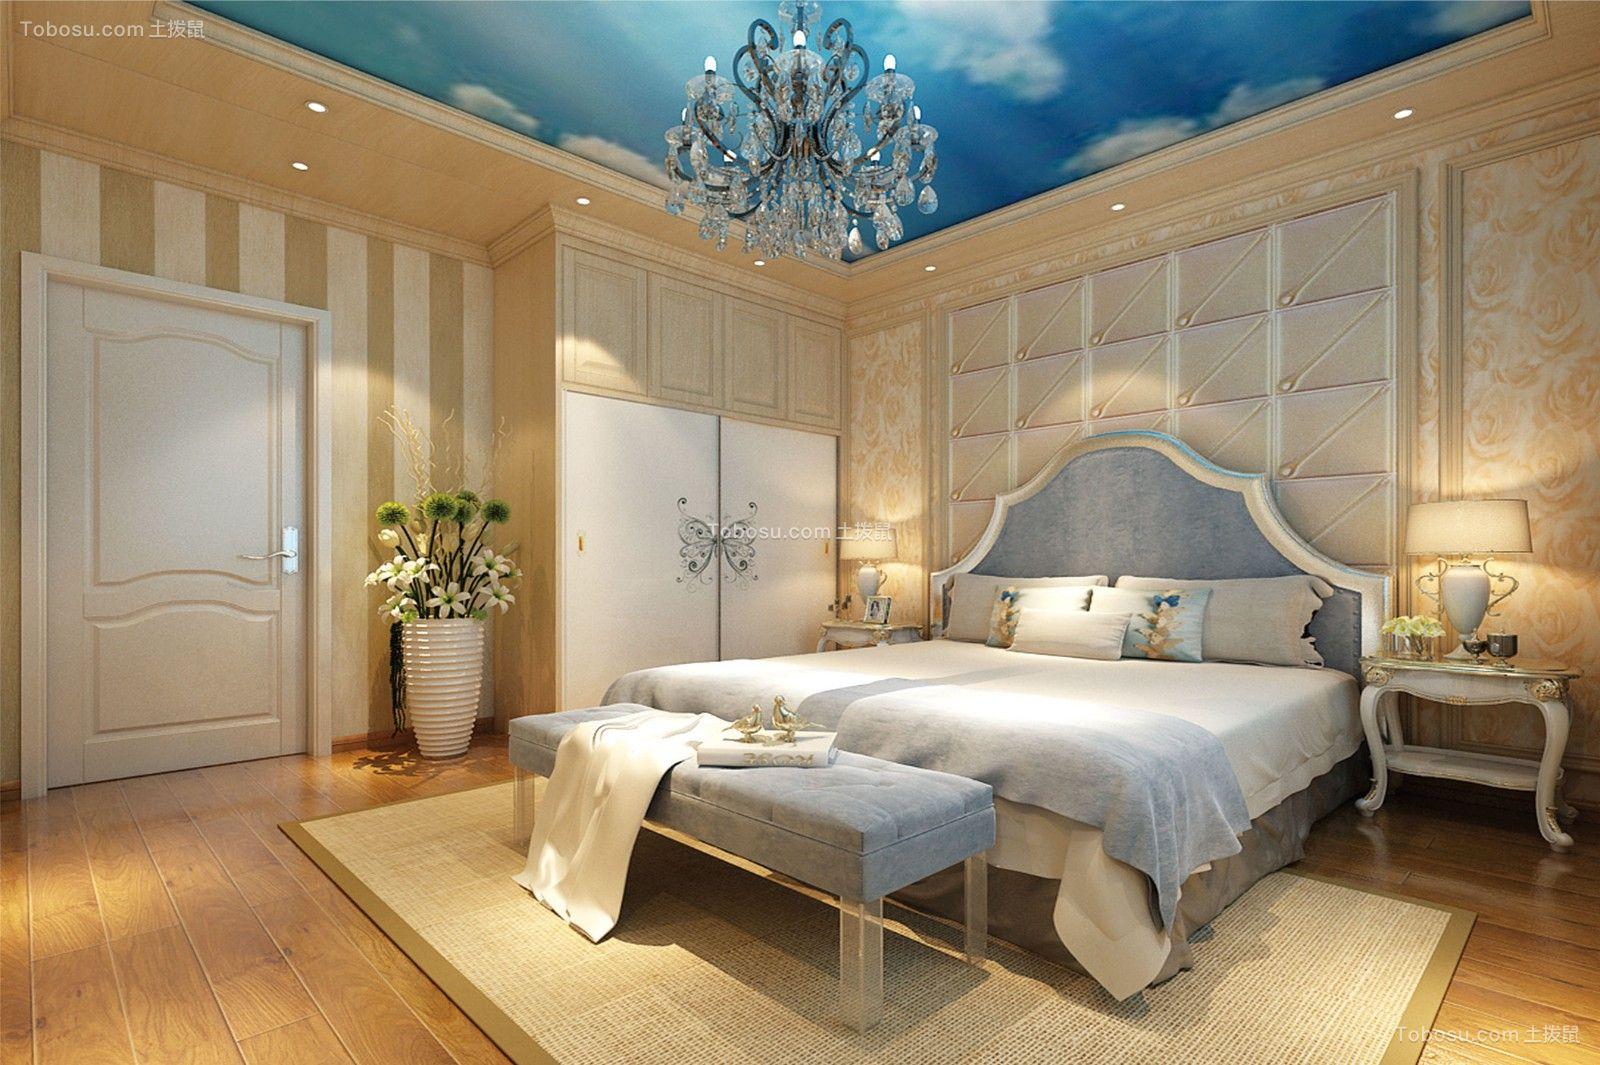 4室2厅3卫180平米复式简欧装修效果图